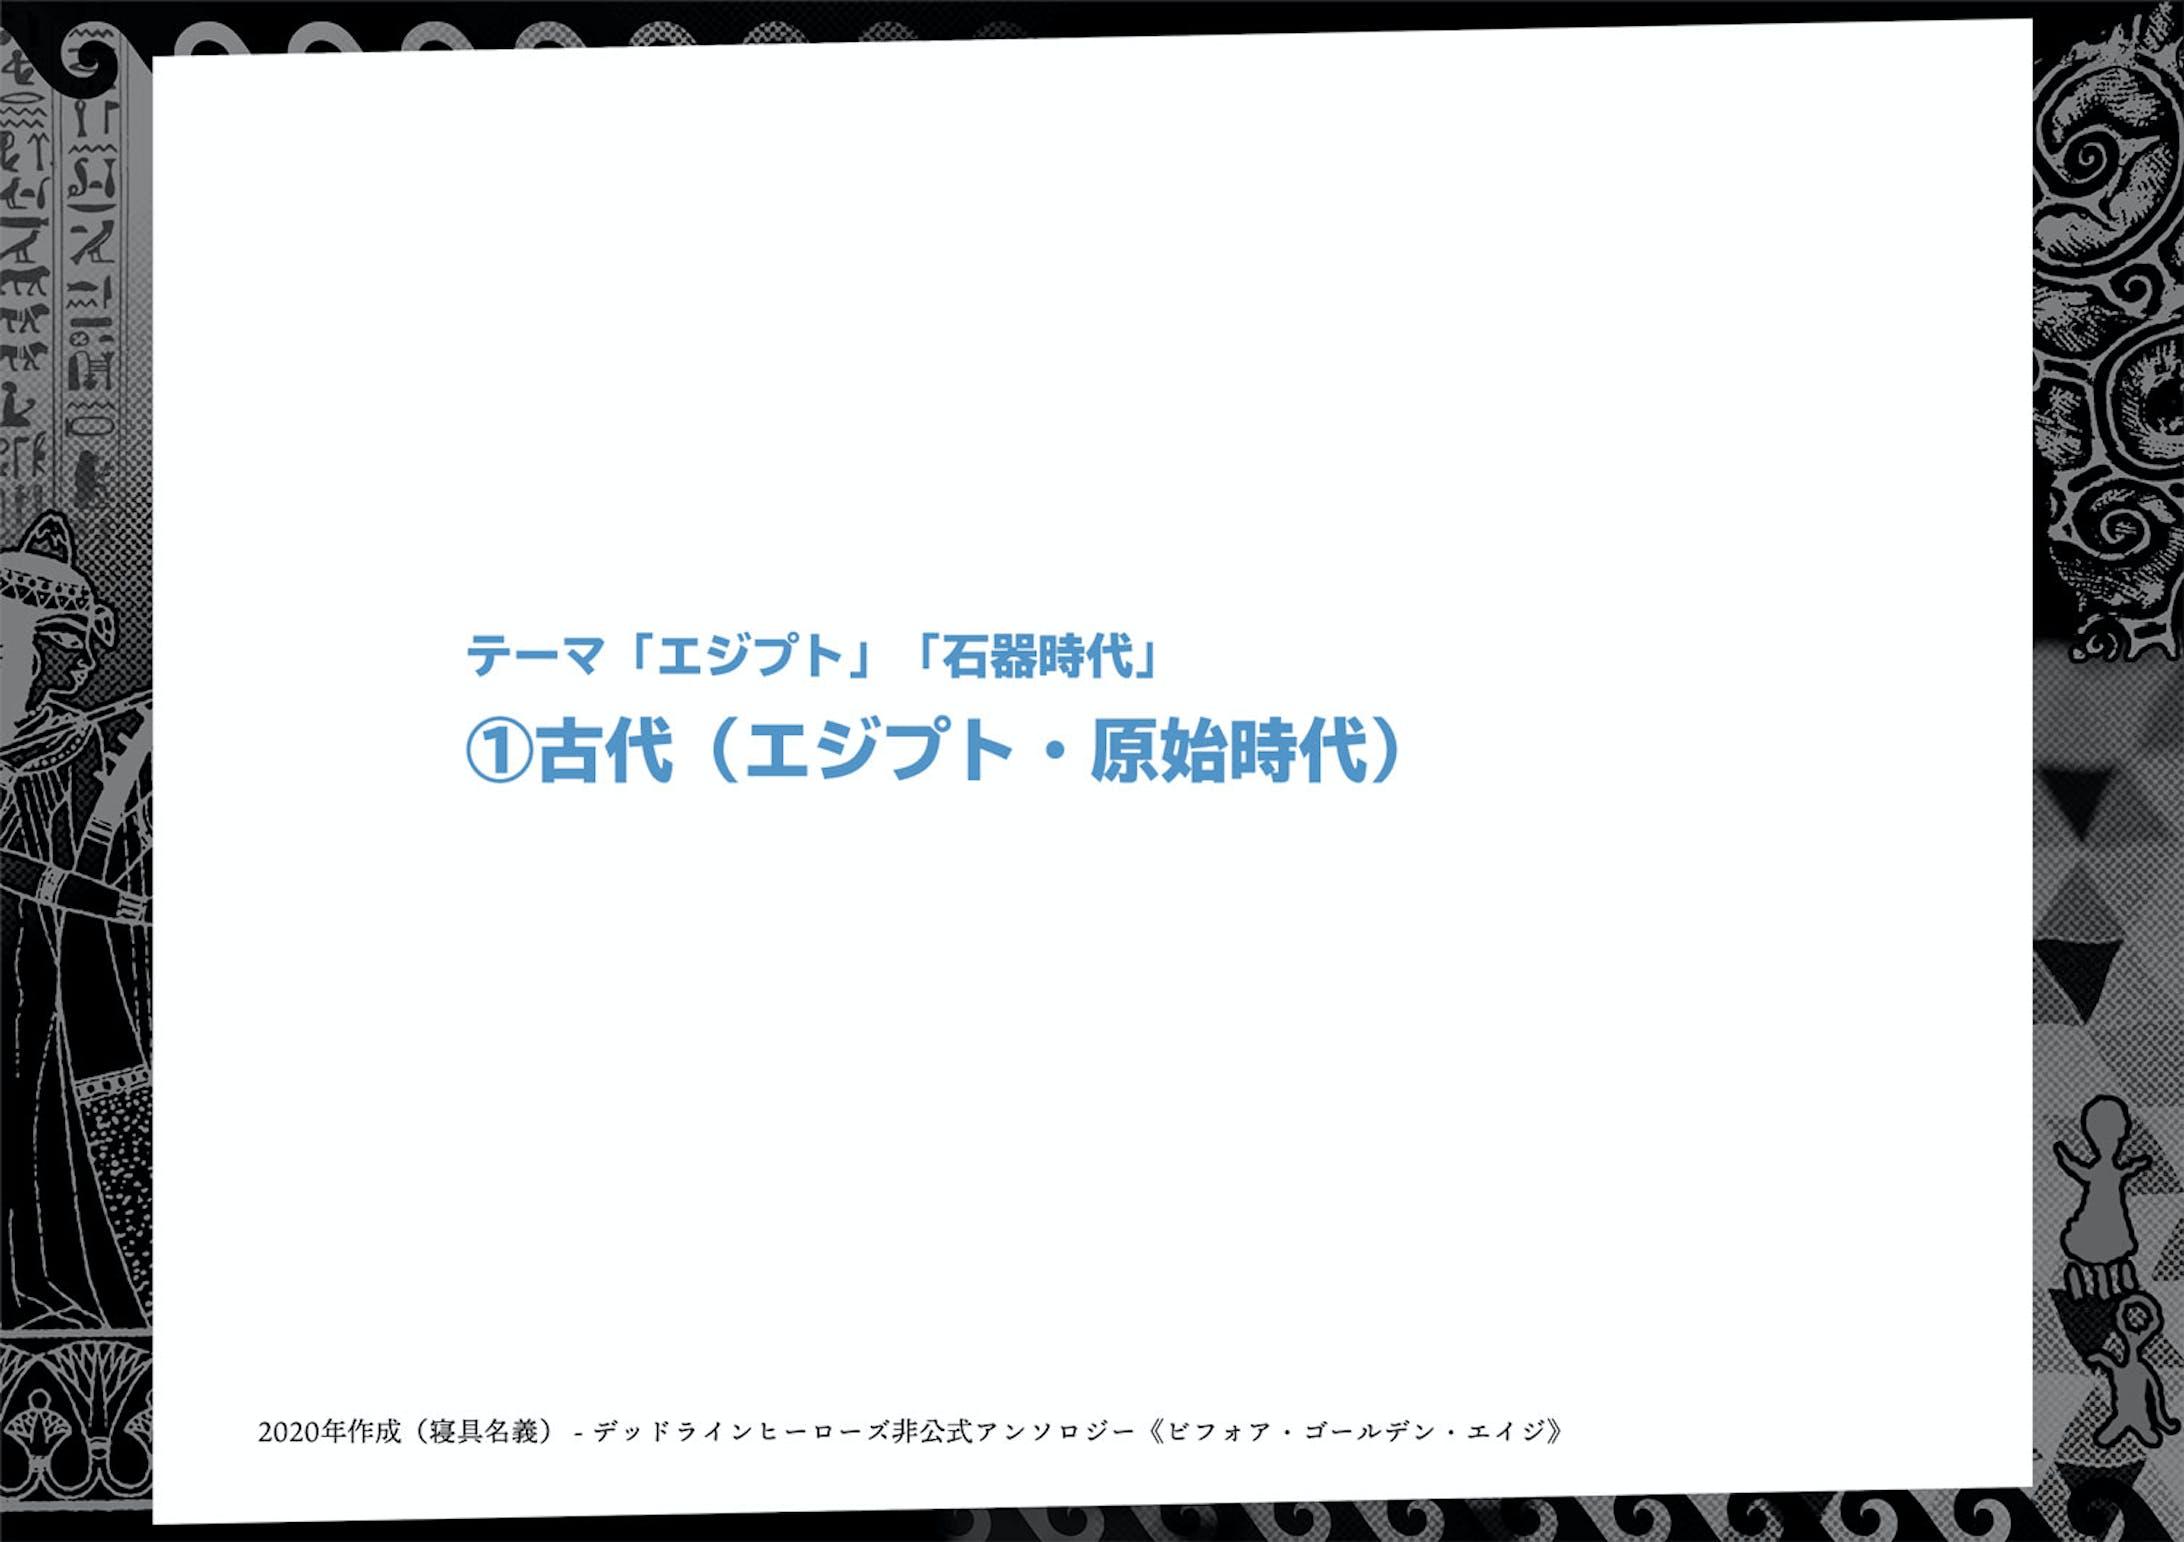 歴史系冊子 余白デザイン-4